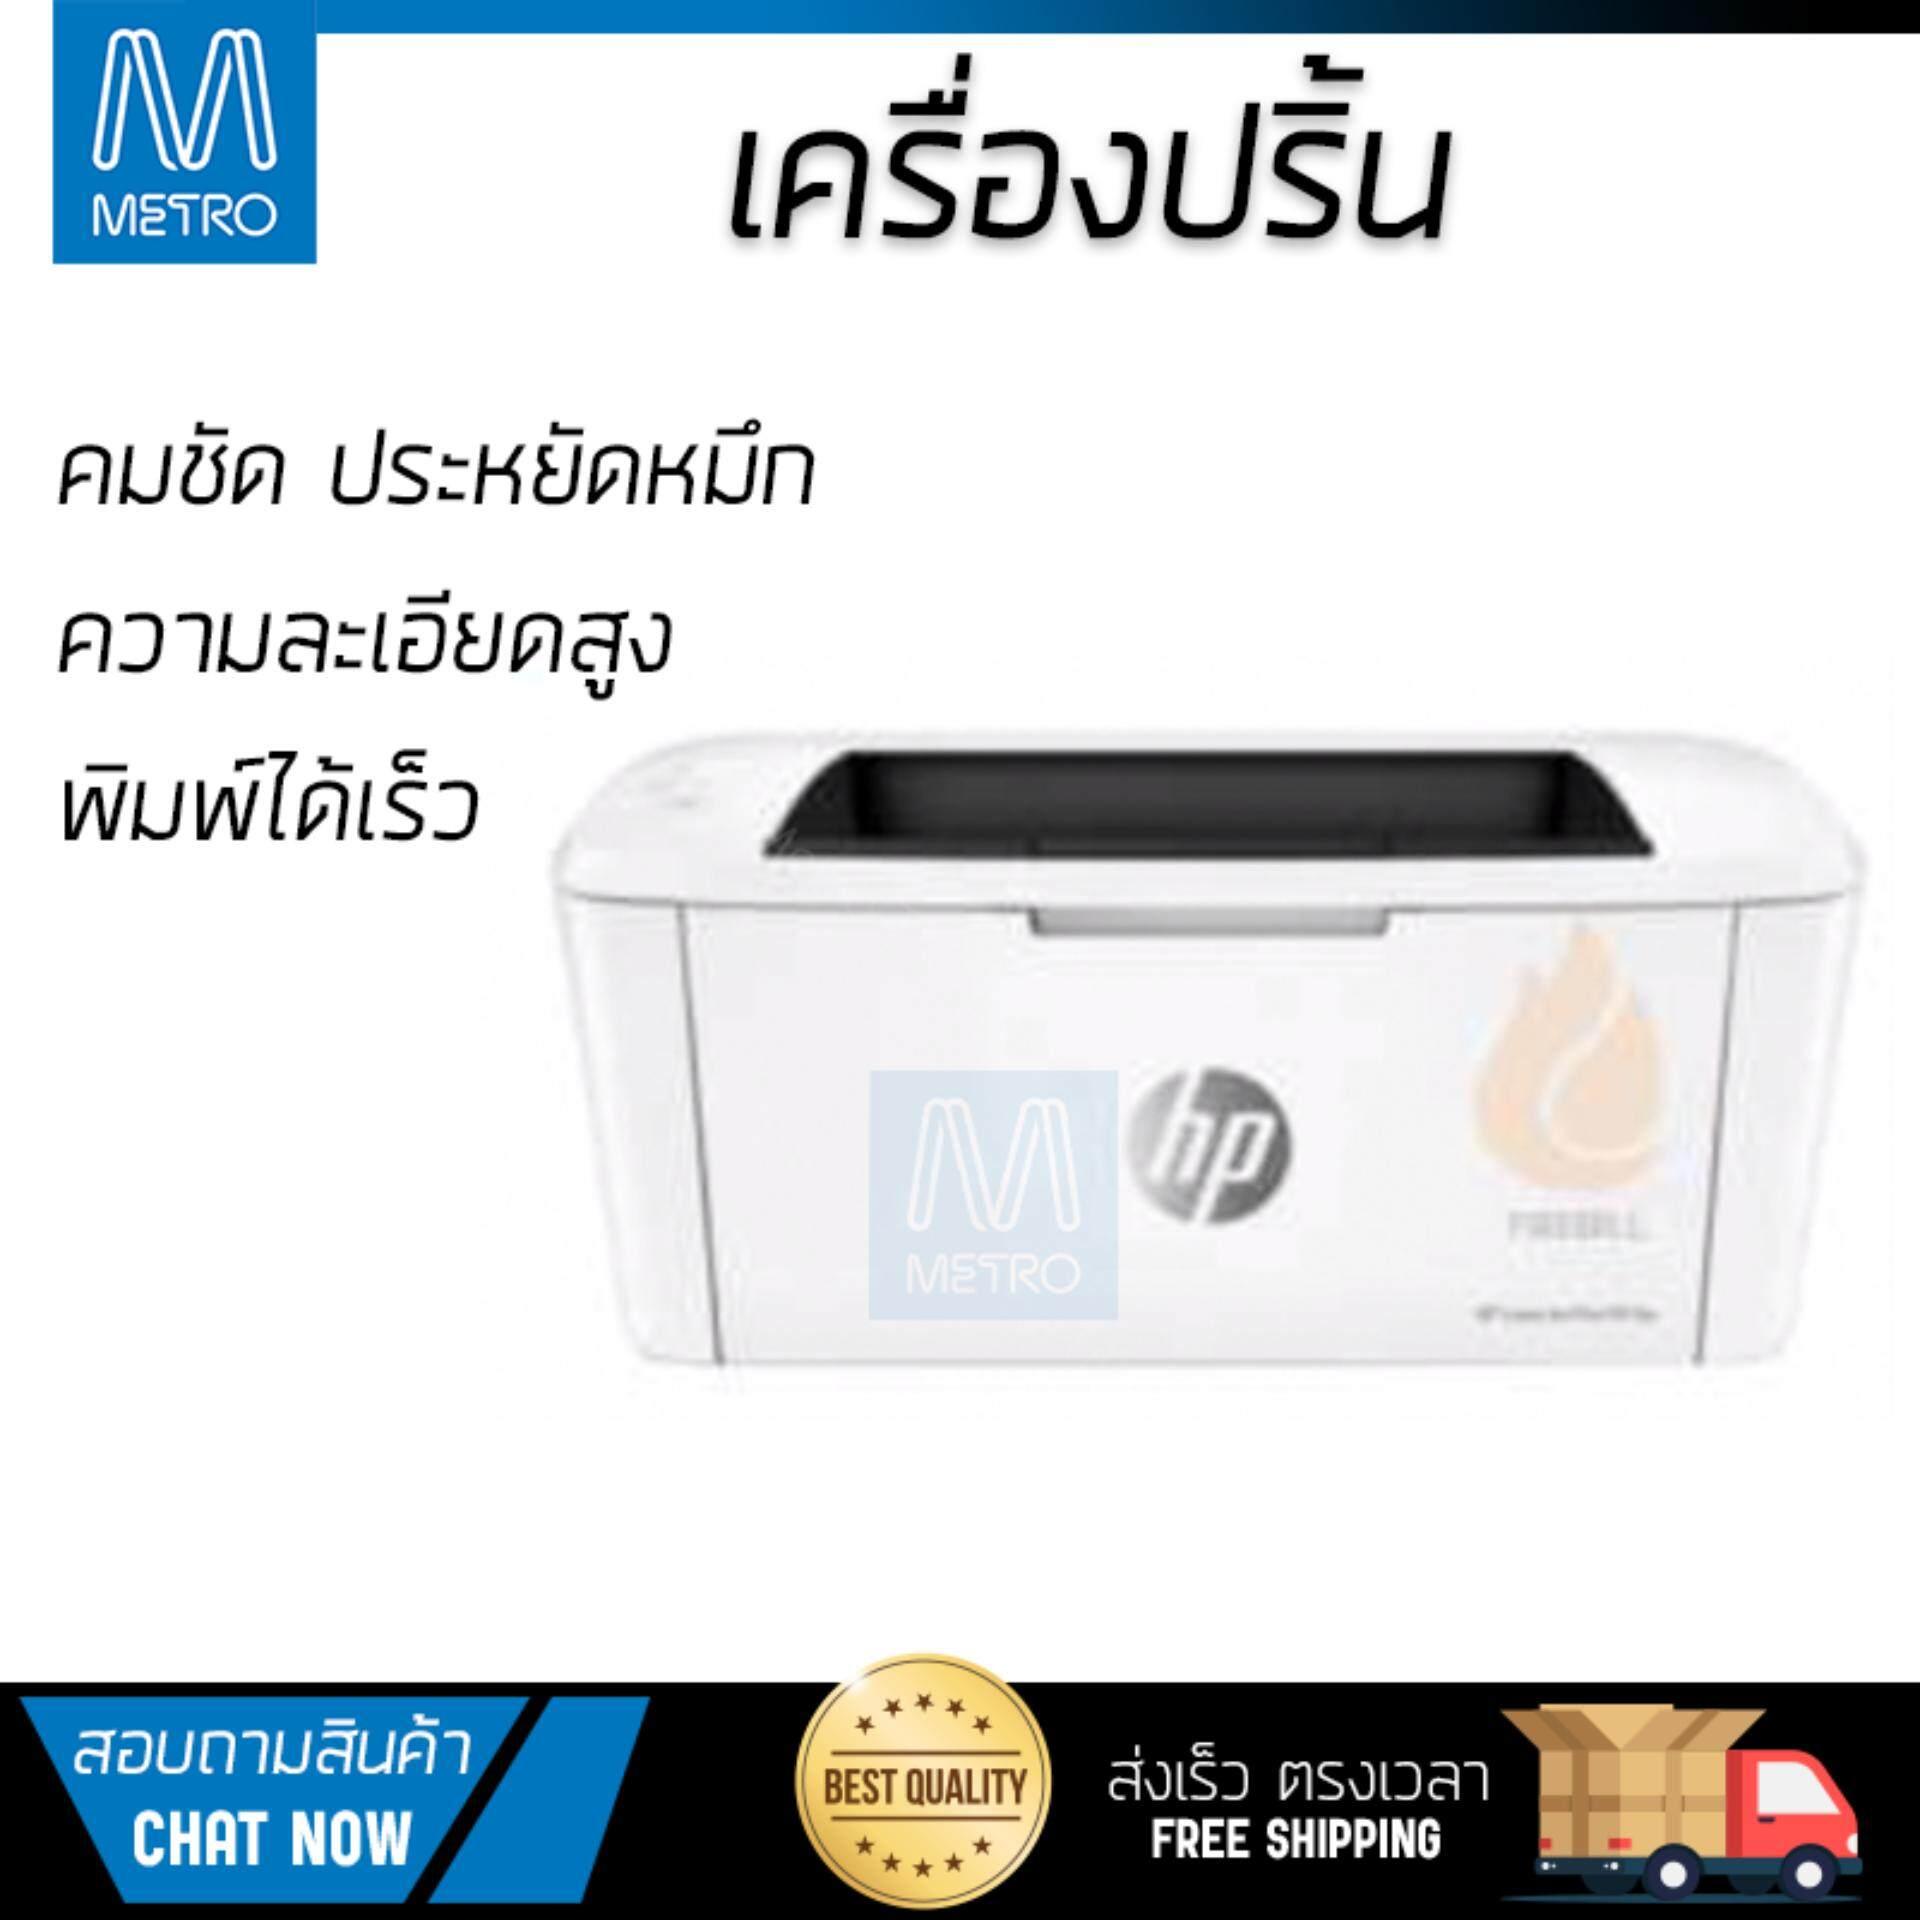 เก็บเงินปลายทางได้ โปรโมชัน เครื่องพิมพ์เลเซอร์           HP ปริ้นเตอร์ เลเซอร์ รุ่น PRO M15W             ความละเอียดสูง คมชัด พิมพ์ได้รวดเร็ว เครื่องปริ้น เครื่องปริ้นท์ Laser Printer รับประกันสินค้า